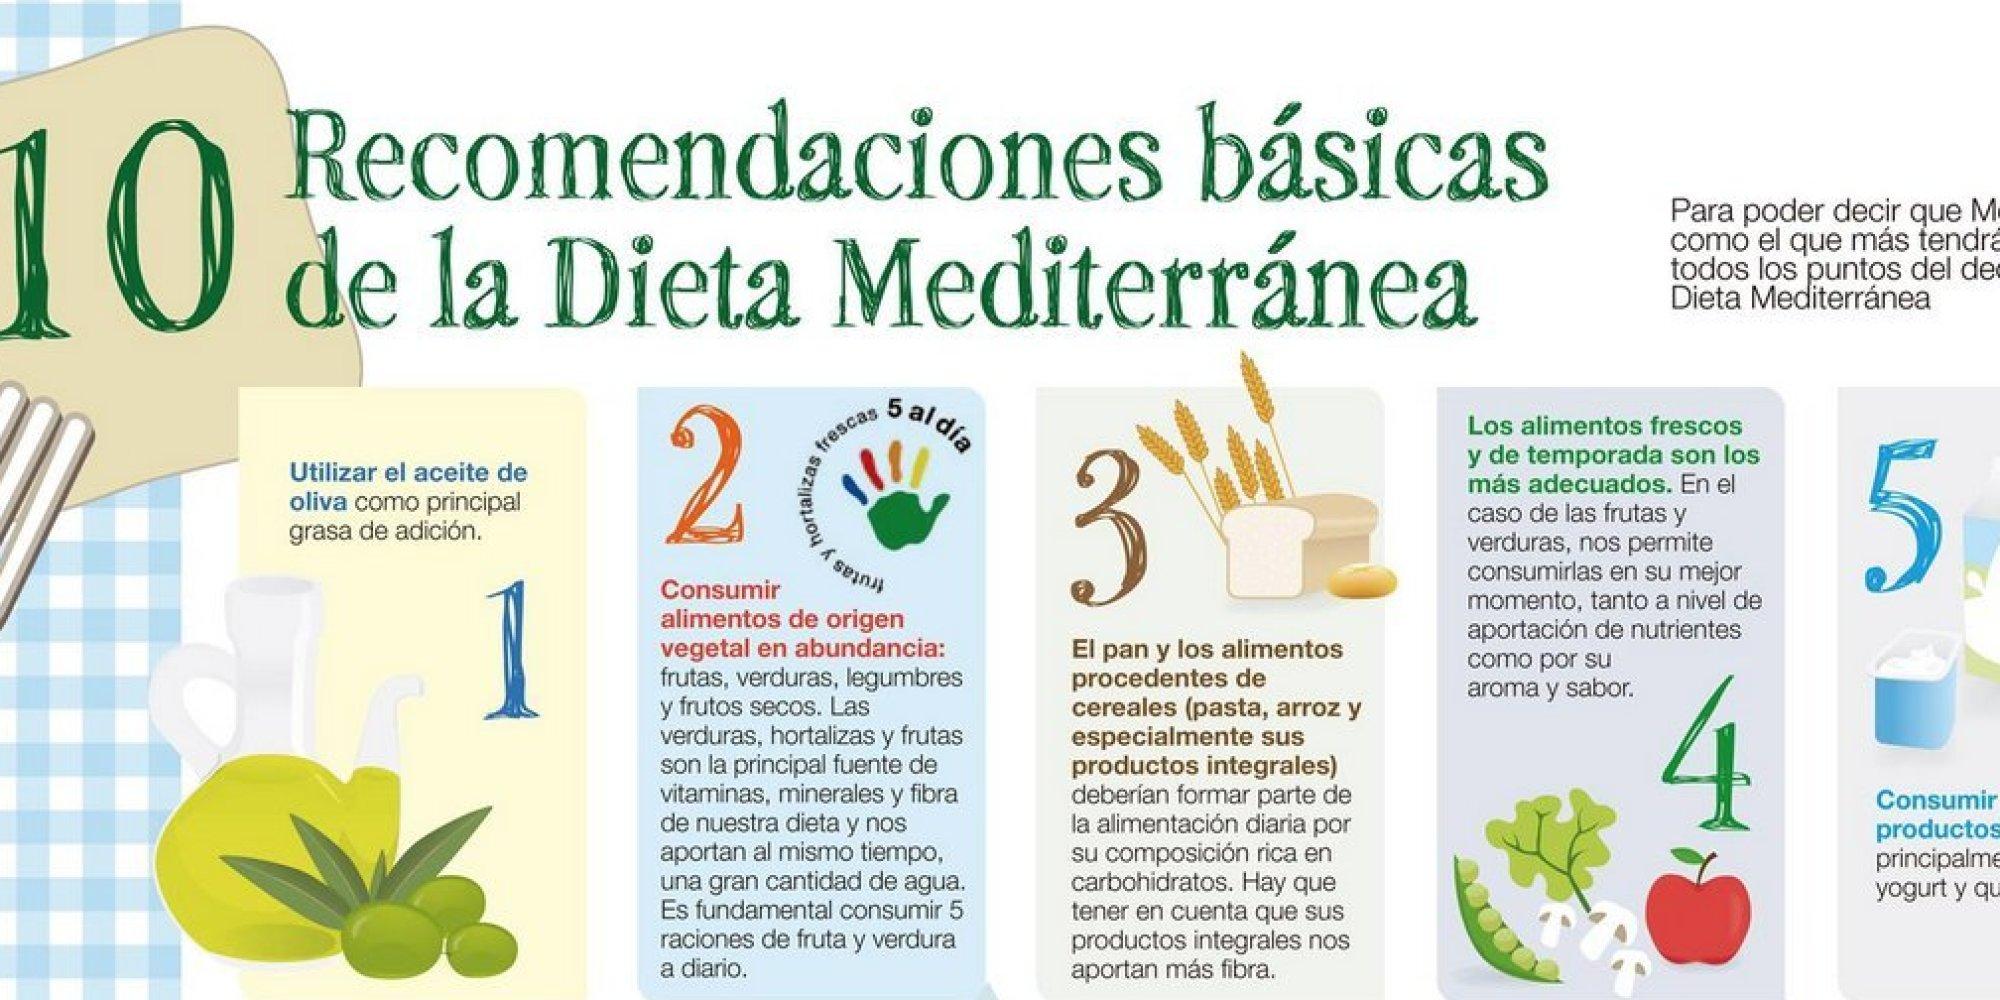 En esto consiste la dieta mediterr nea 10 claves para poder seguirla infograf a - La mediterranea ...